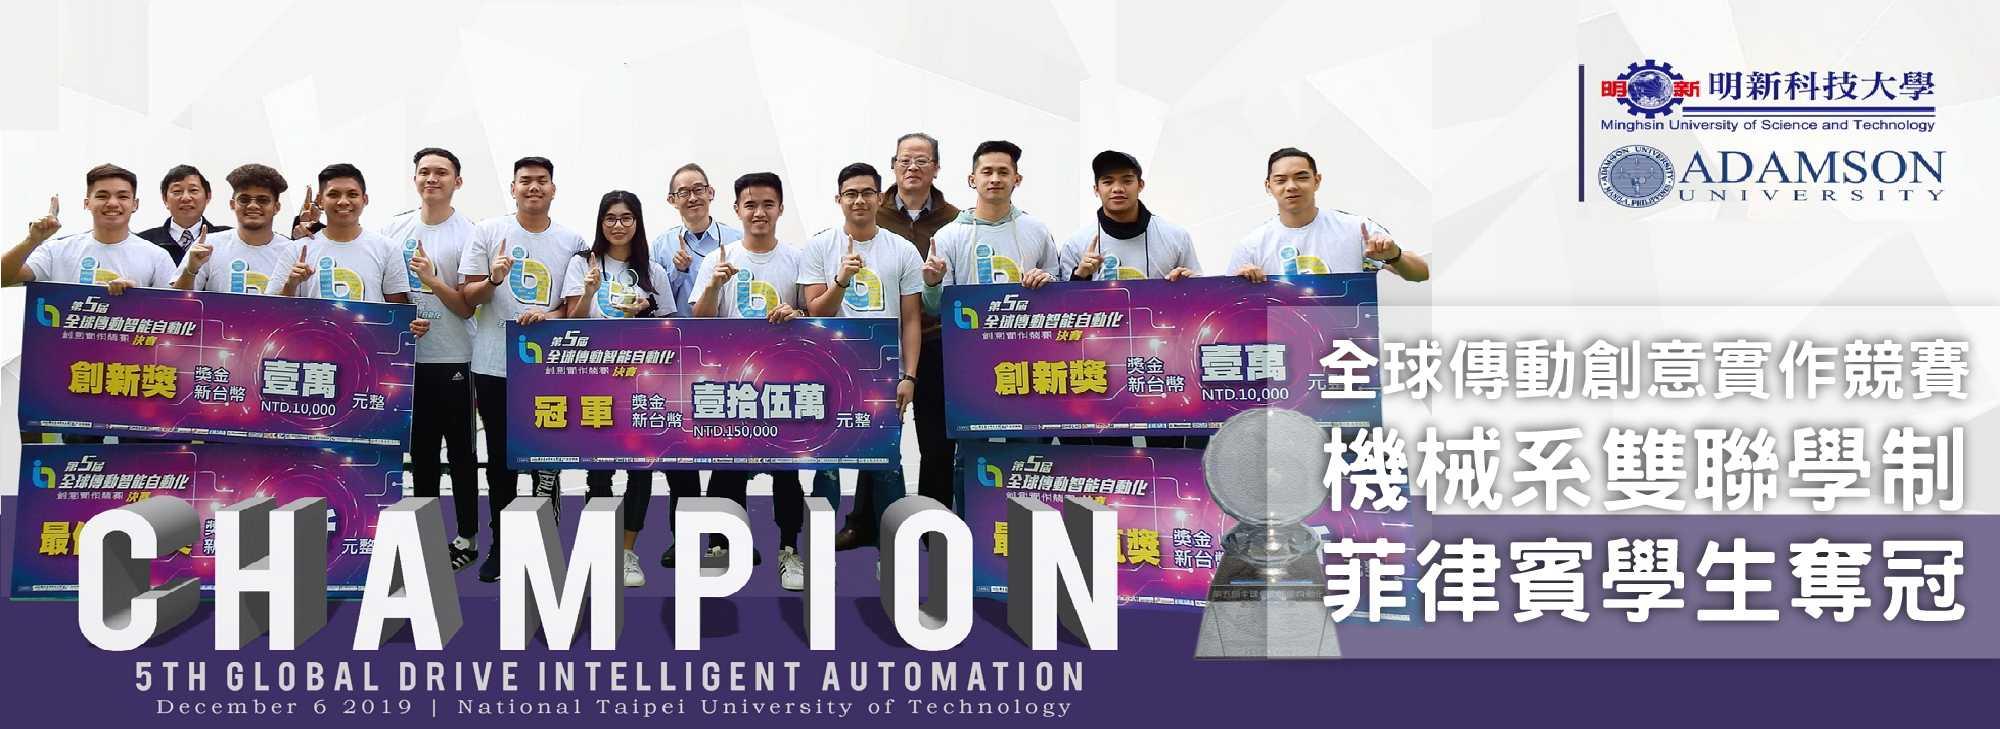 20200320  全球傳動創意實作競賽 機械系雙聯學制菲律賓學生奪冠